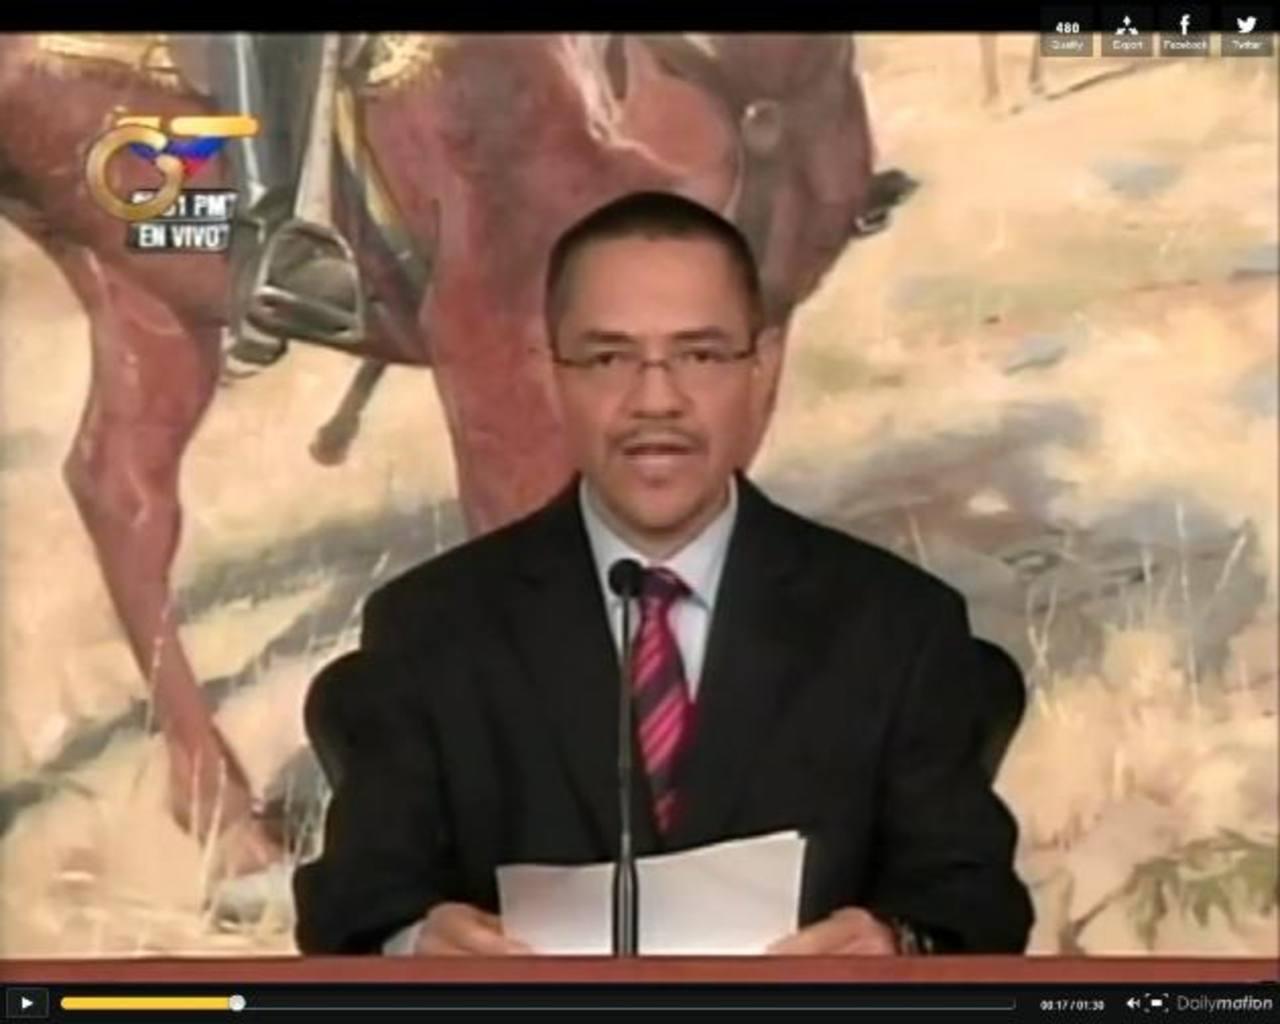 El ministro de Información de Venezuela, Ernesto Villegas, durante la cadena nacional ayer. Foto EDH